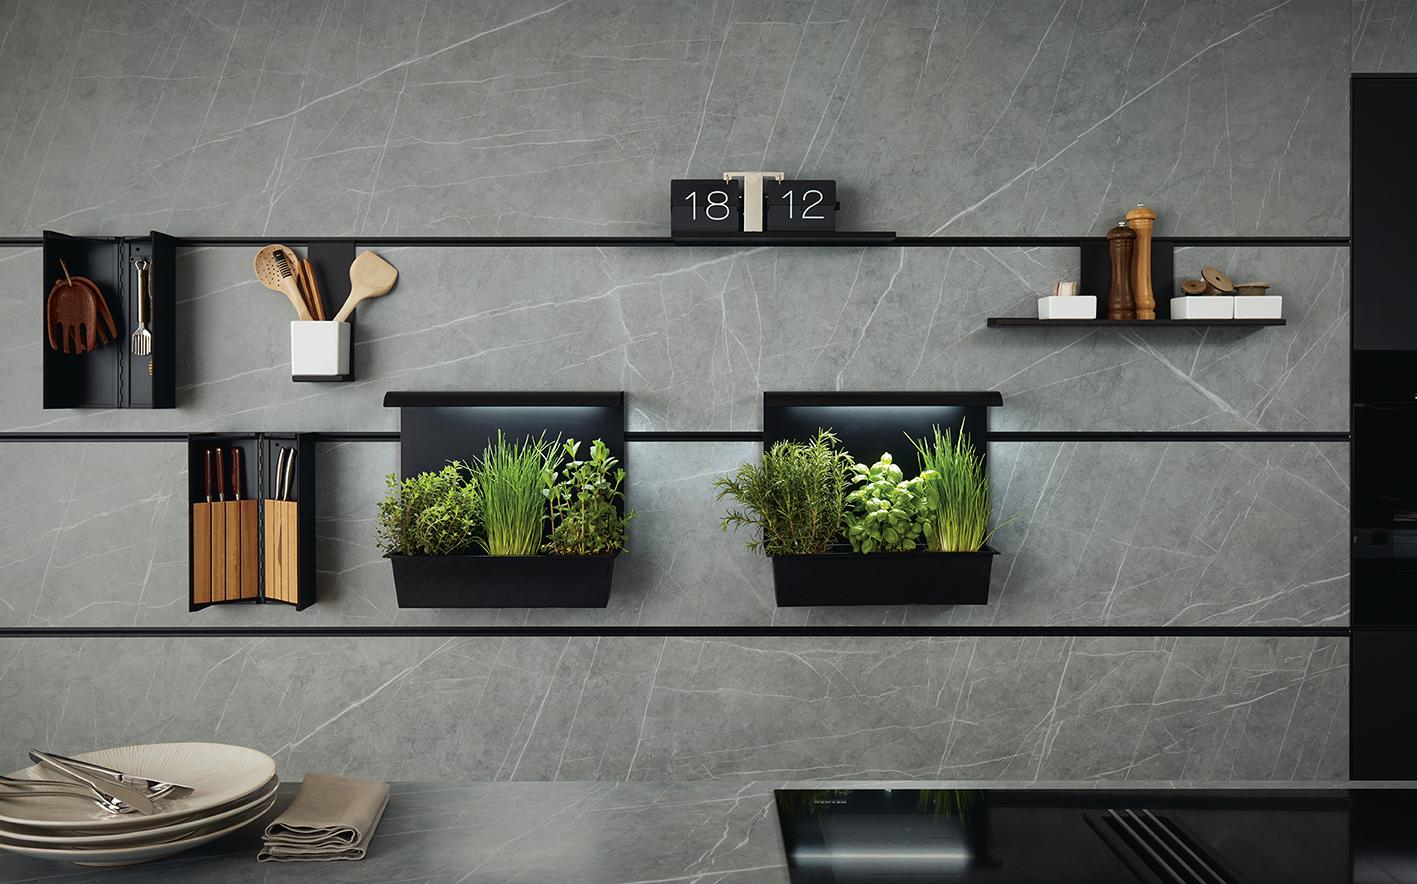 Groene planten en kruiden zijn mooi voor de keuken. Deze next125 paneeltuinen met groeilamp zijn speciaal gemaakt voor het next125 Cube wandsysteem. Het licht heeft een automatische schakelklok. Prachtig! #next125 #paneeltuinen #kruiden #keuken #keukeninspiratie